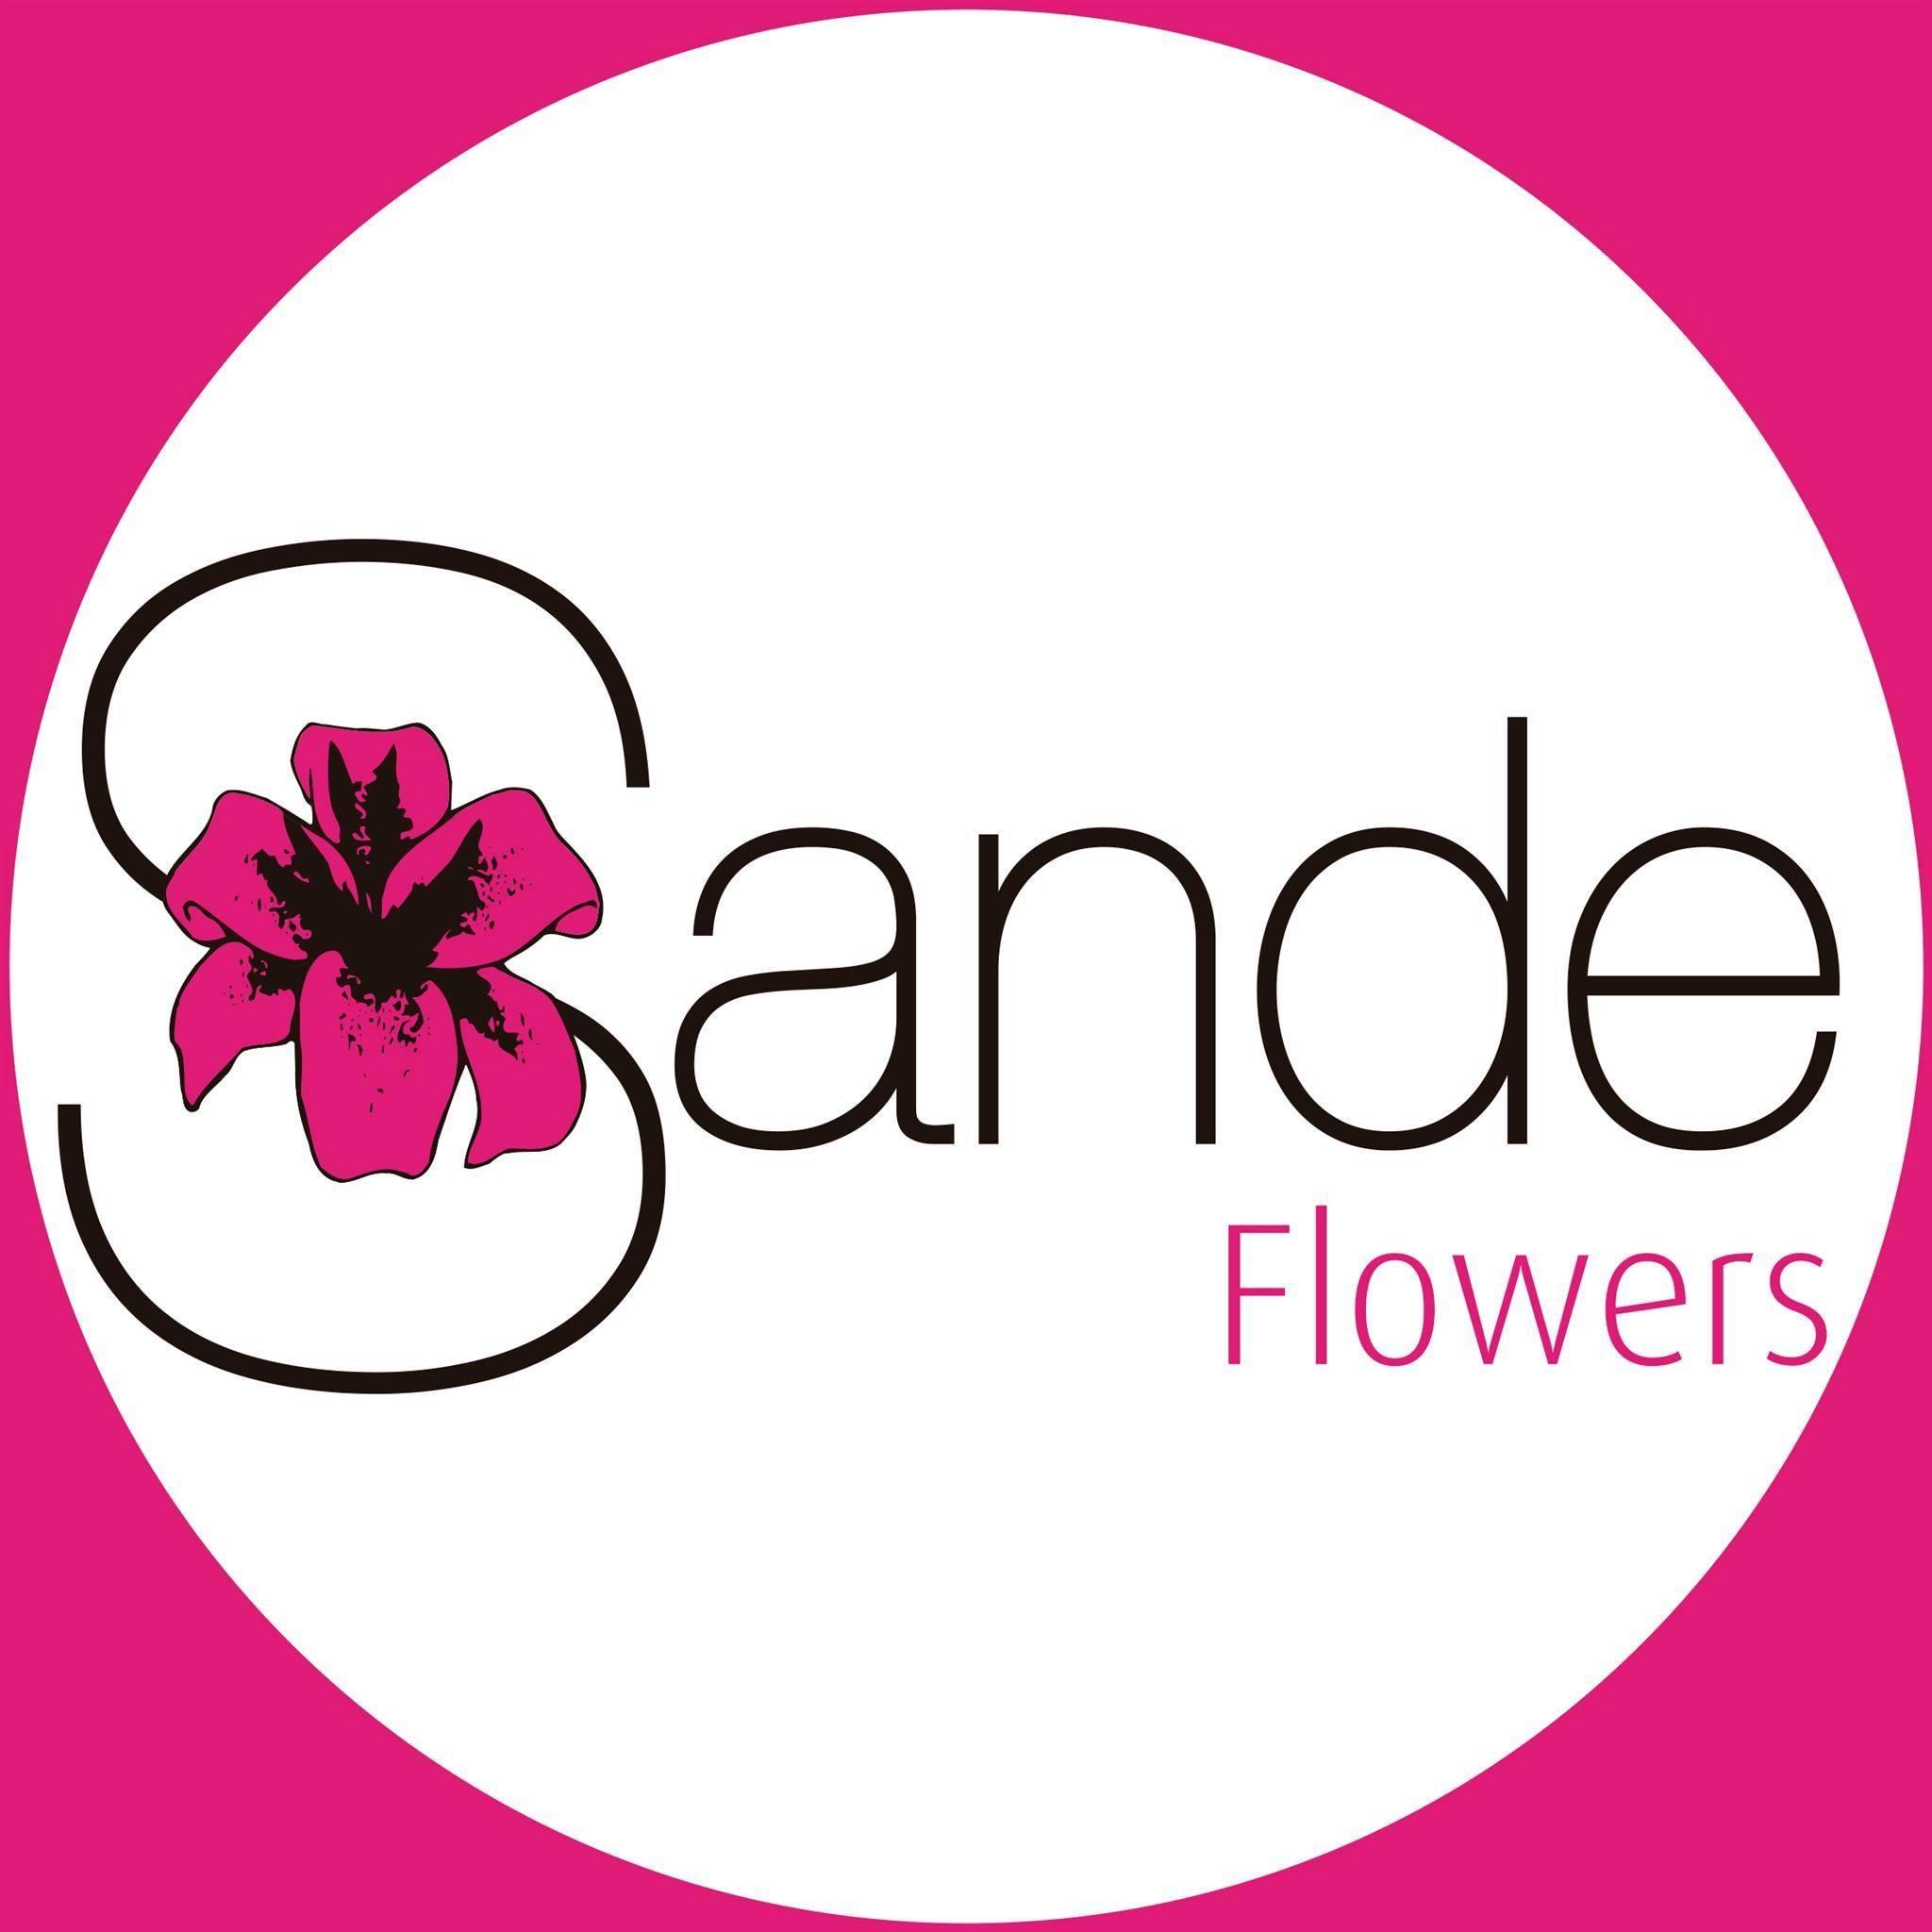 Sande Flowers